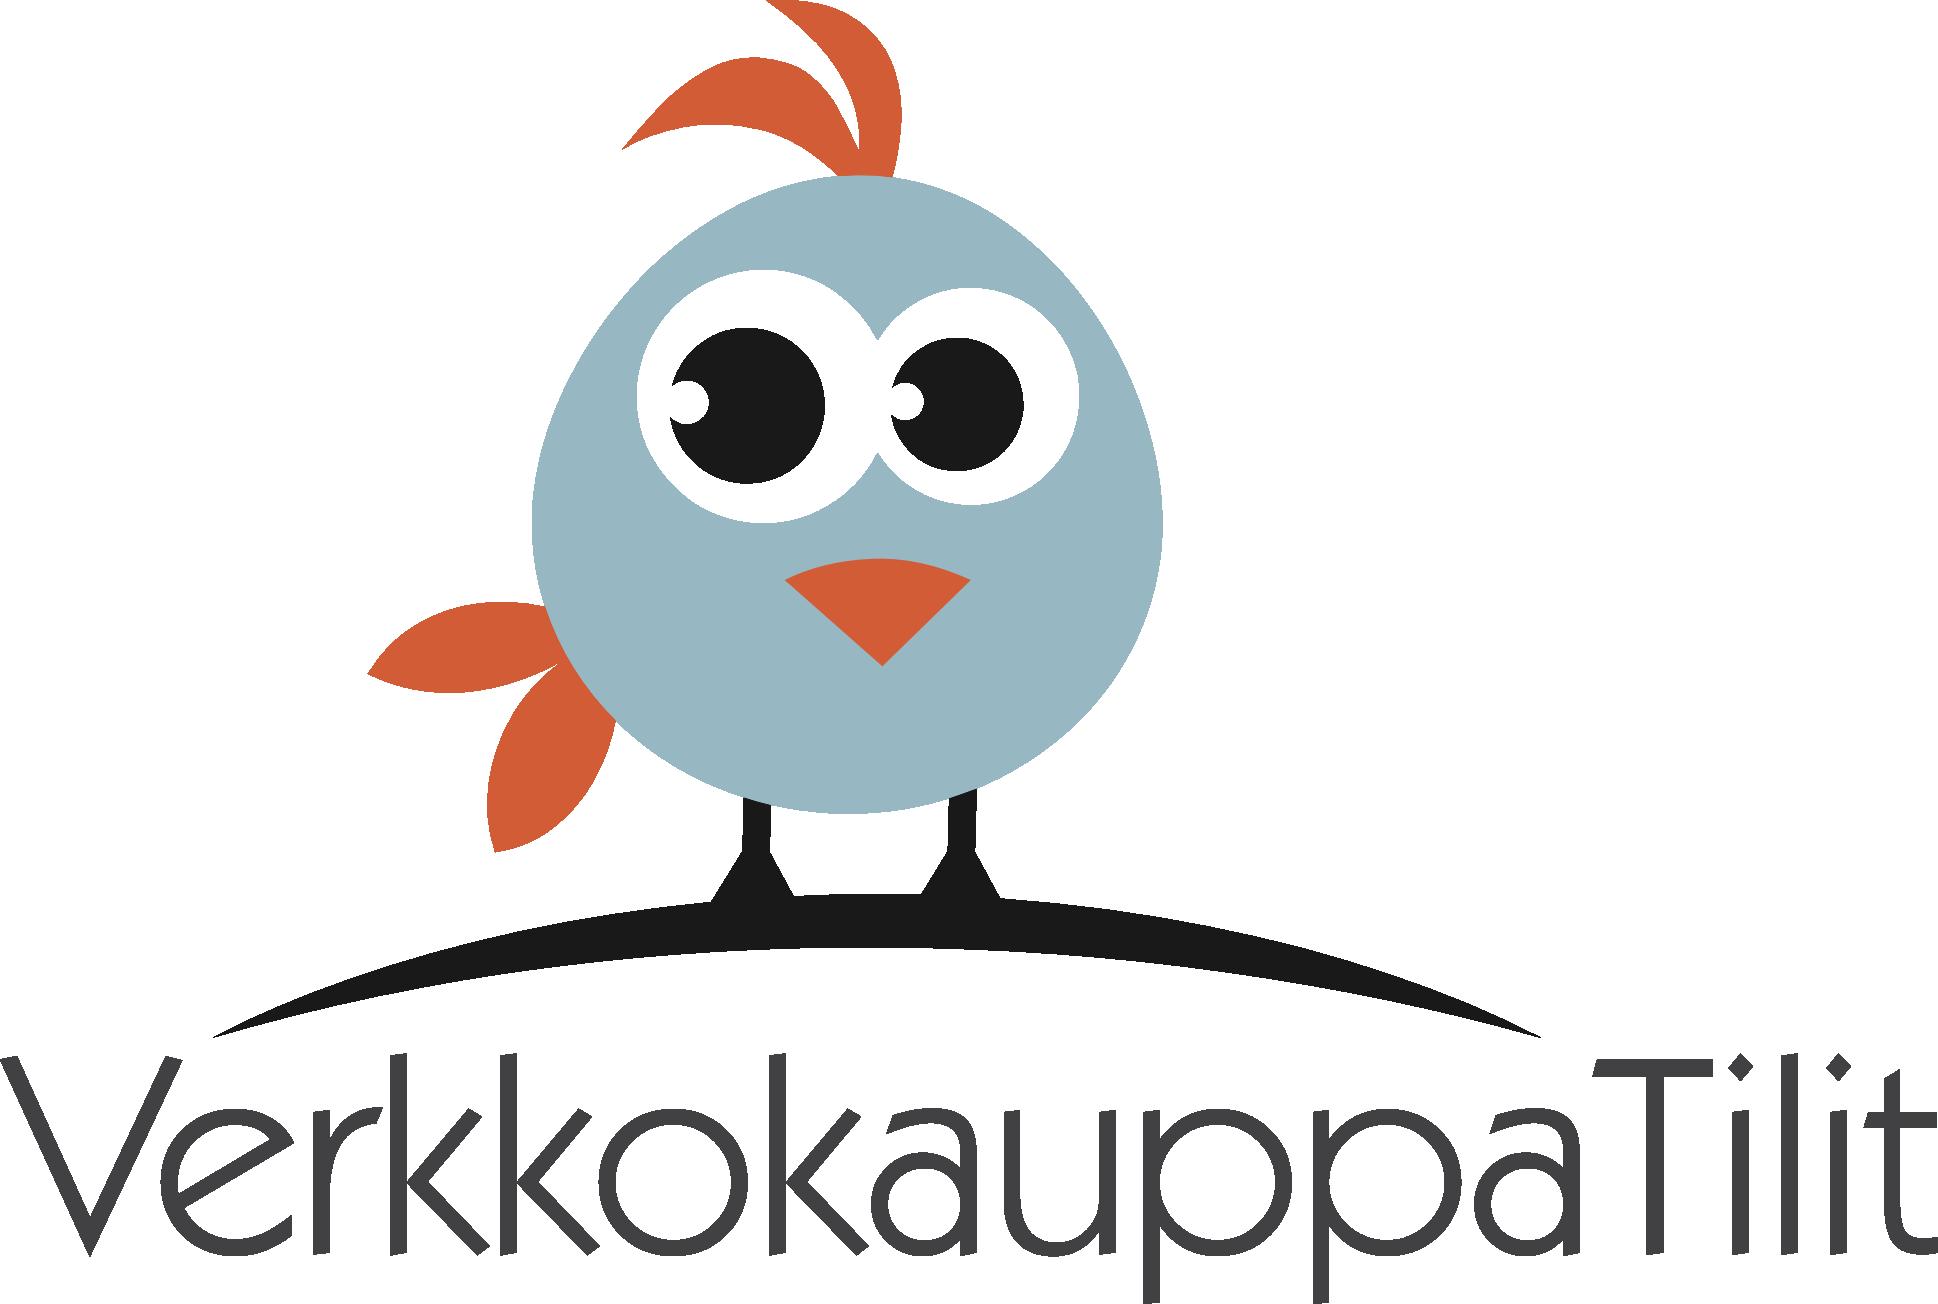 Verkkokauppatilit logo